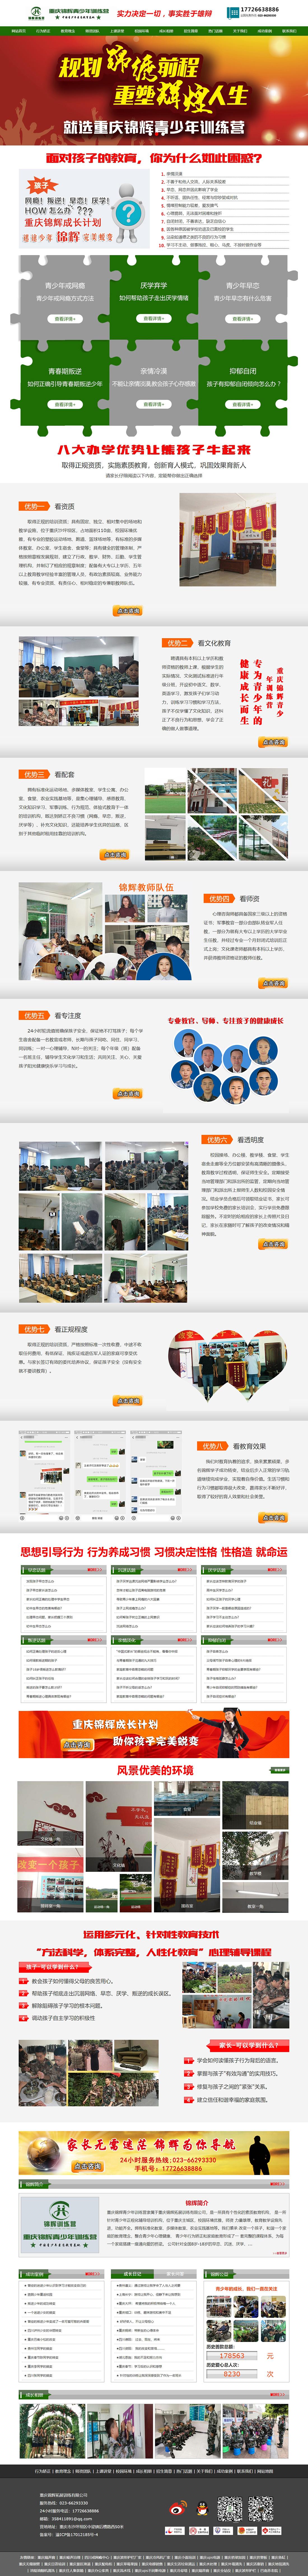 重庆锦辉青少年训练营网站建设